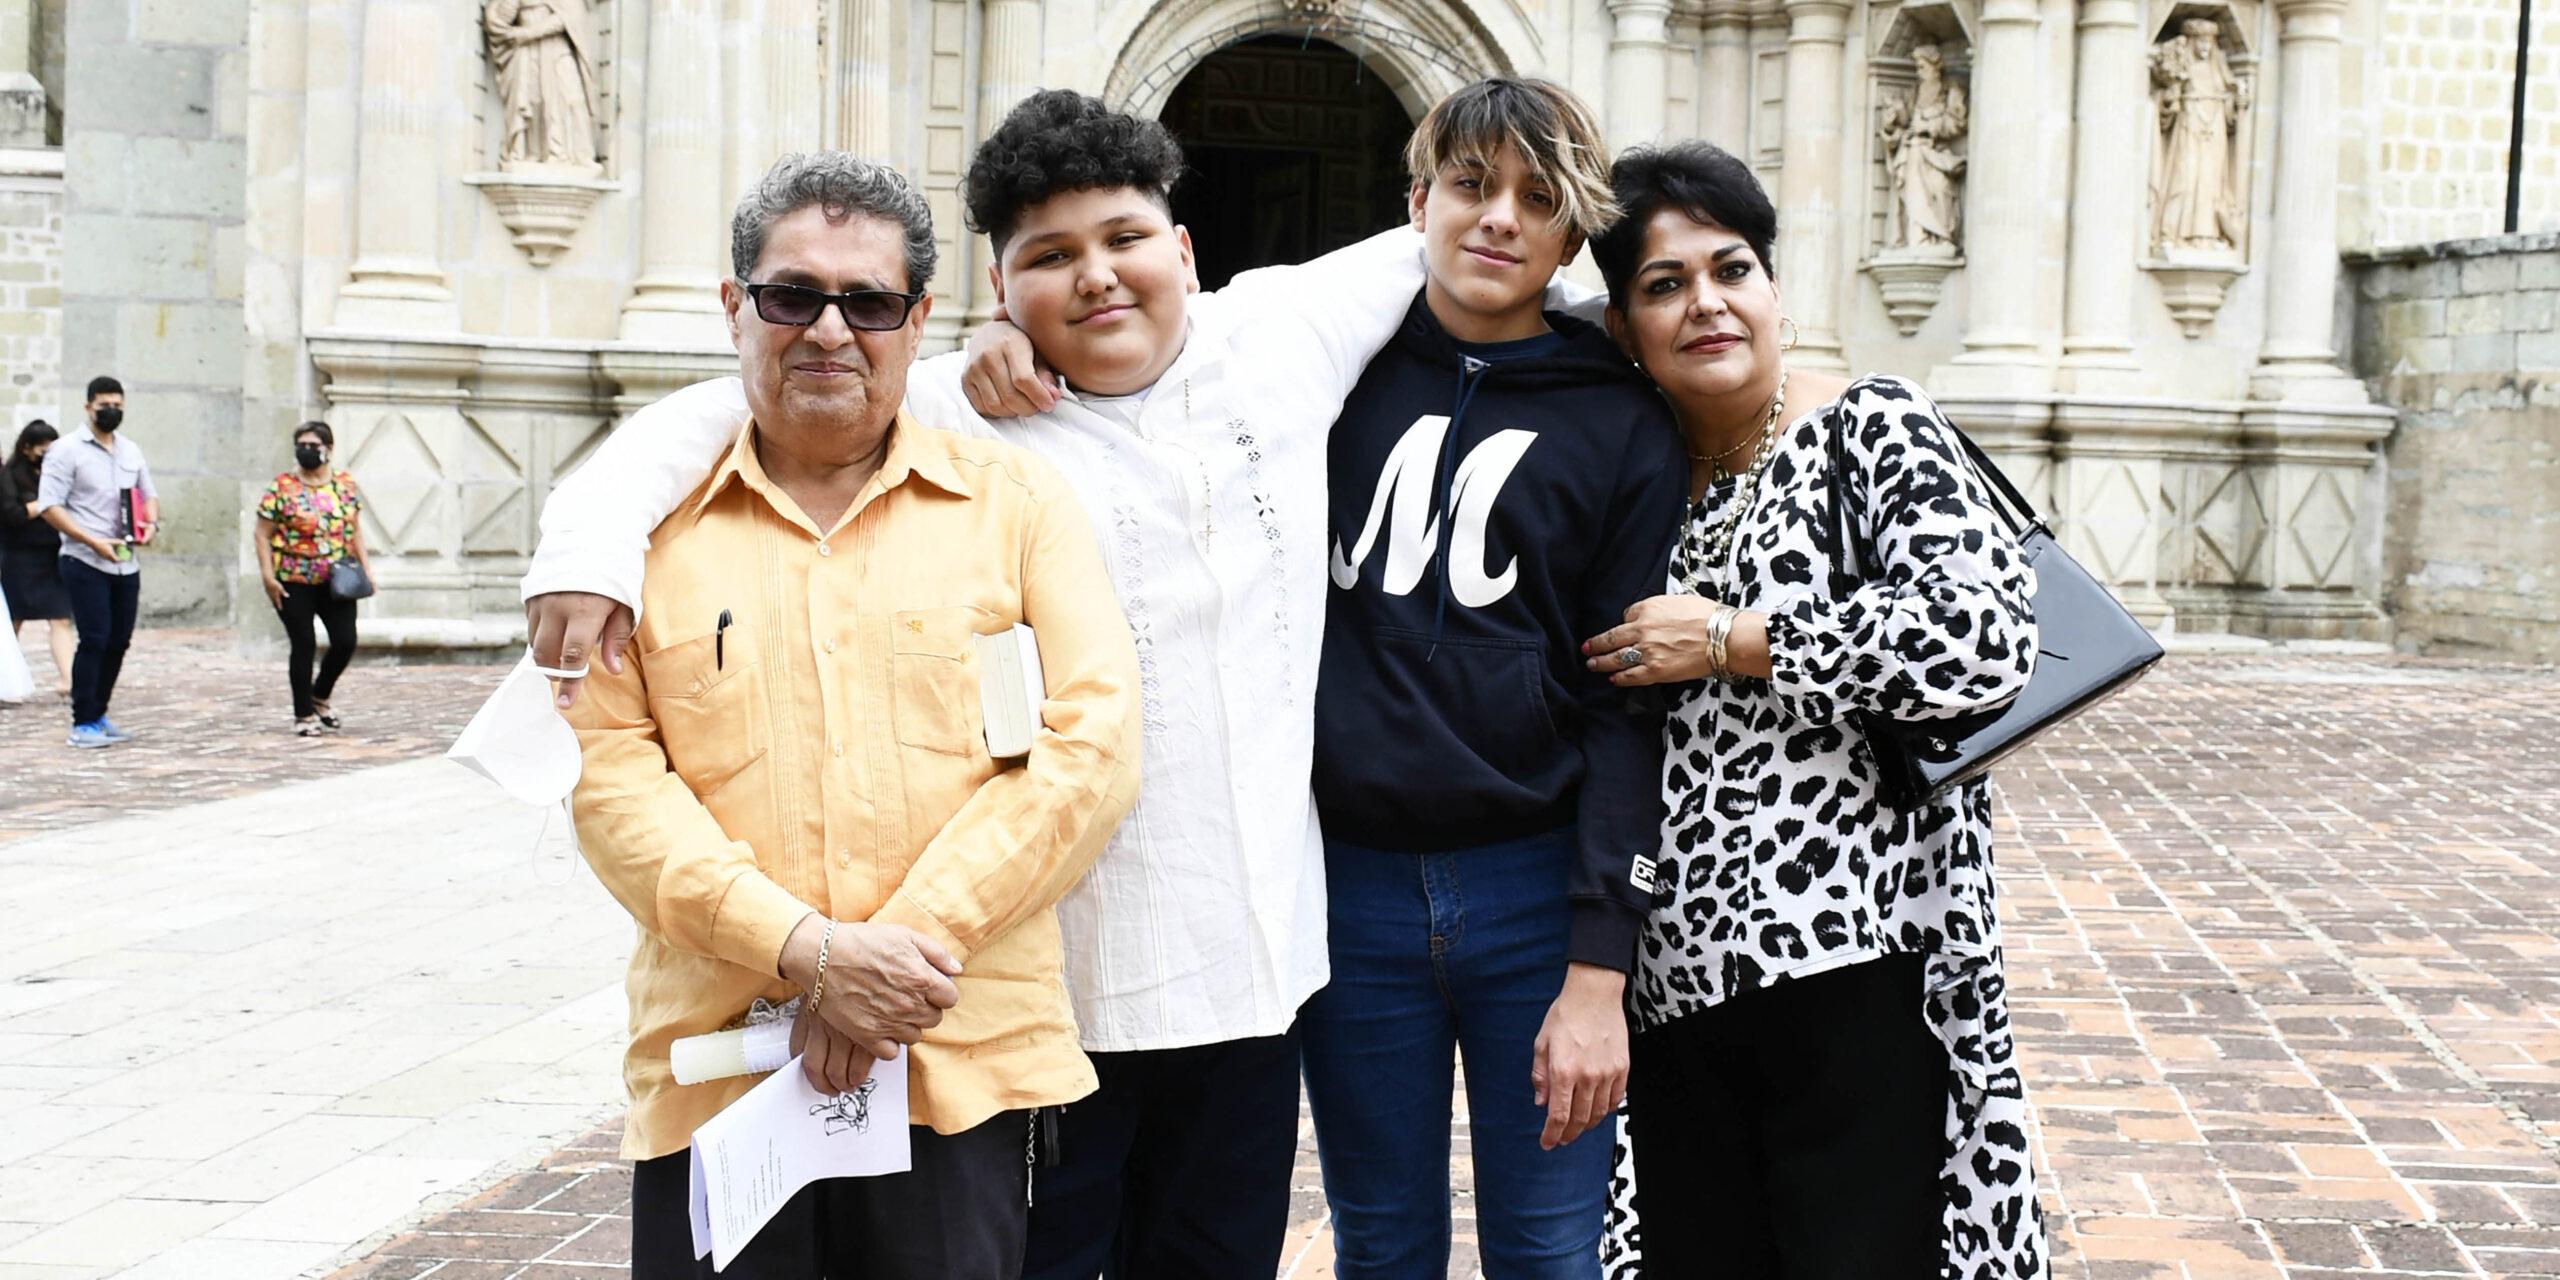 Recibe Santiago la primera comunión | El Imparcial de Oaxaca